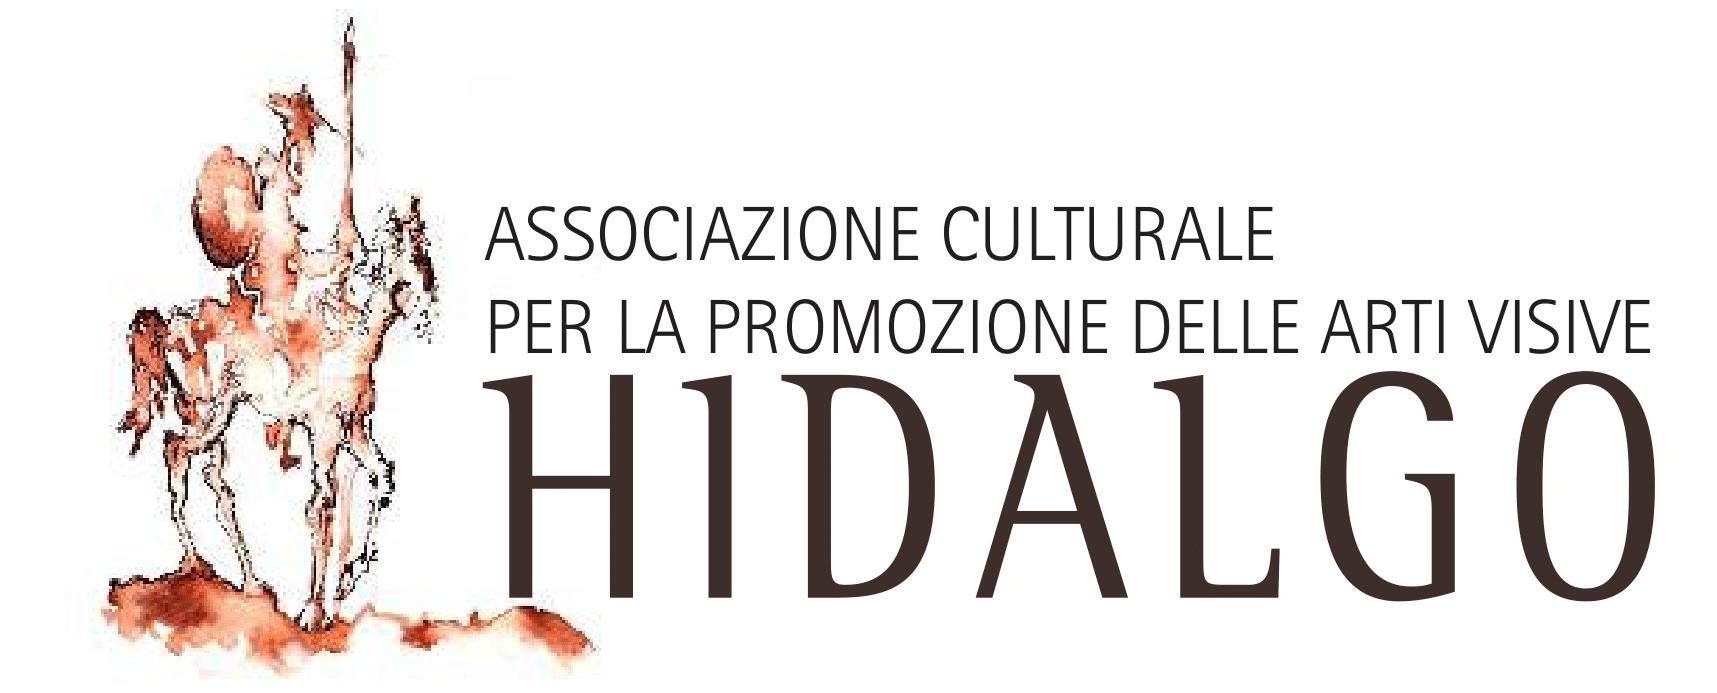 Hidalgo Arte - Associazione Culturale